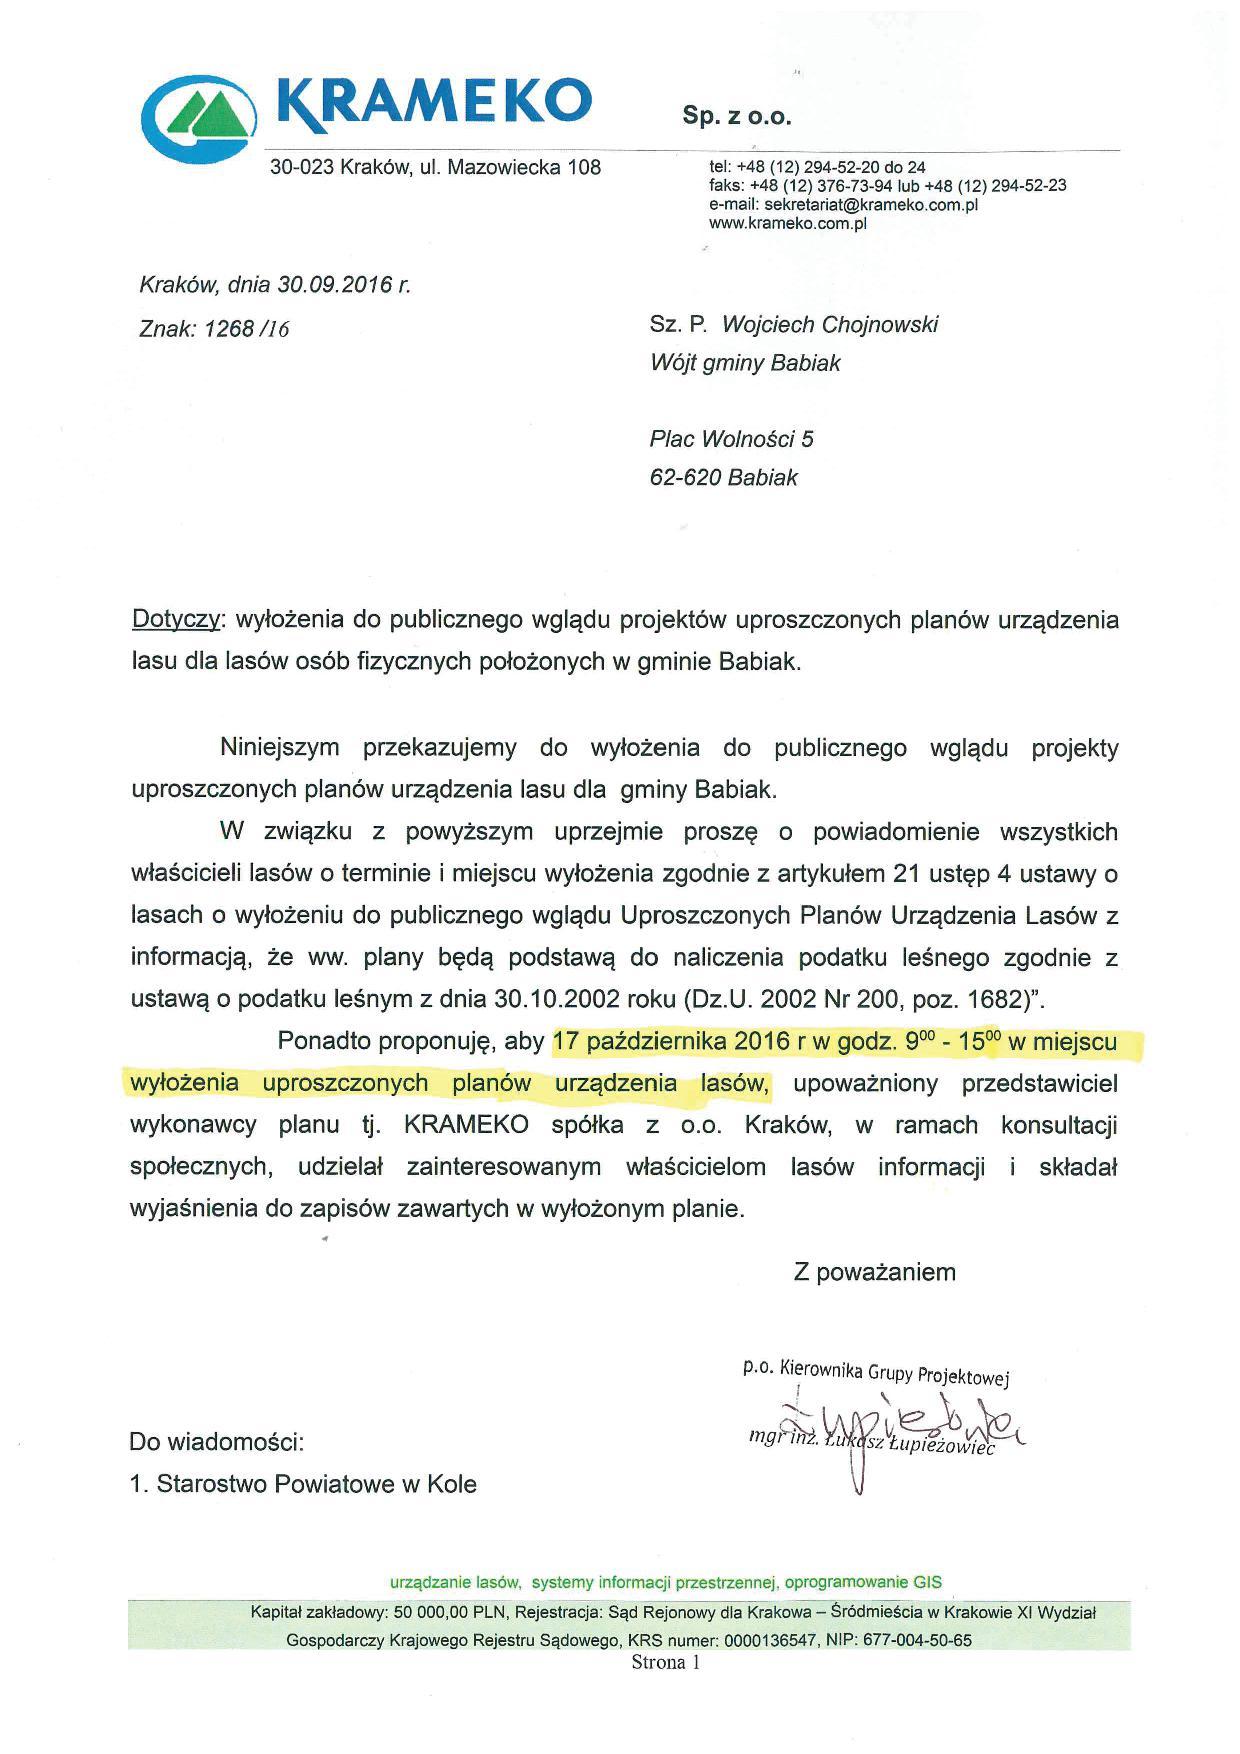 Pismo dotyczące wyłożenia do publicznego wglądu projektów uproszczonych planów urządzania lasu dla lasów osób fizycznych położonych e gminie Babiak.